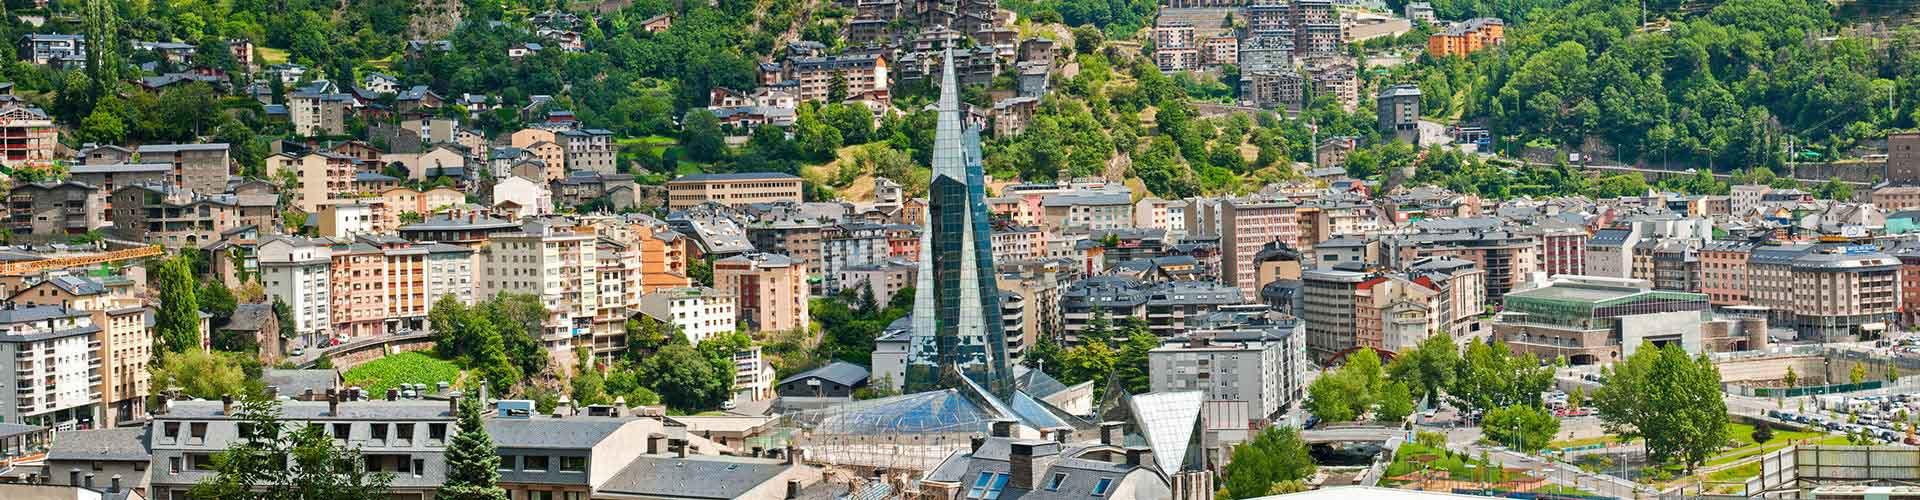 Andorra la Vella - Schroniska Młodzieżowe w mieście Andorra la Vella, Mapy dla miasta Andorra la Vella, Zdjęcia i Recenzje dla każdego Schroniska Młodzieżowego w mieście Andorra la Vella.